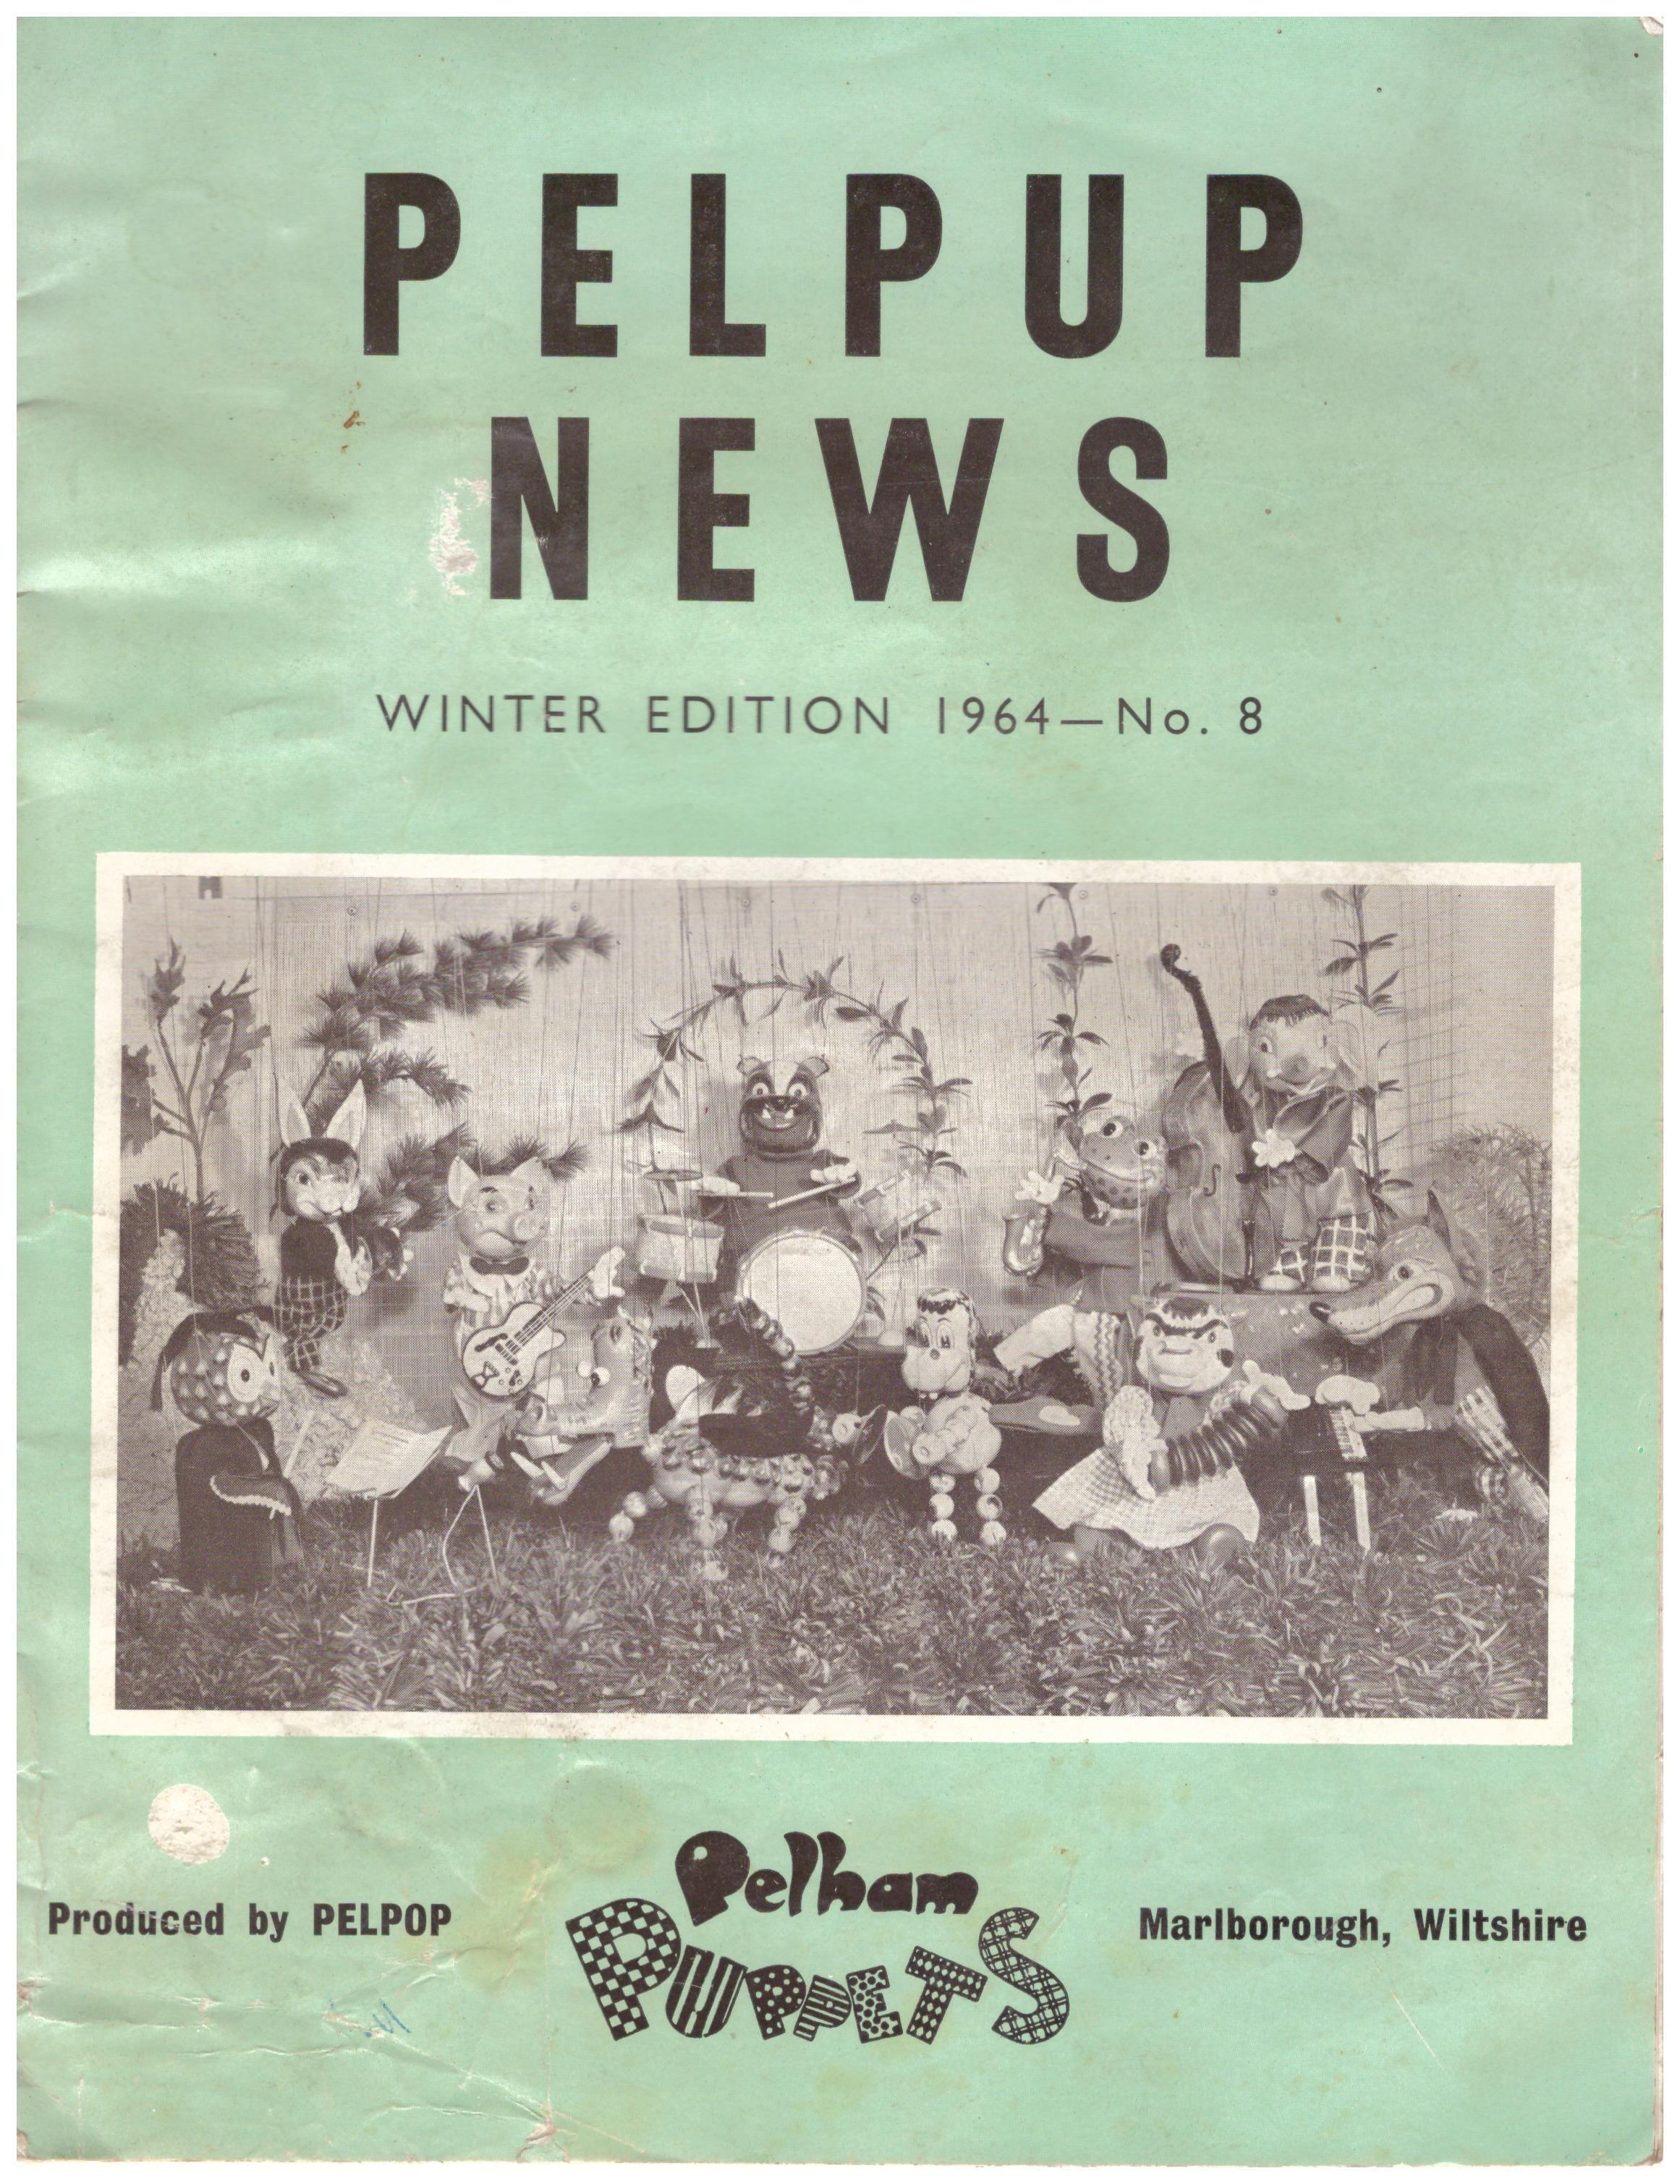 Winter Edition 1964 - No 8